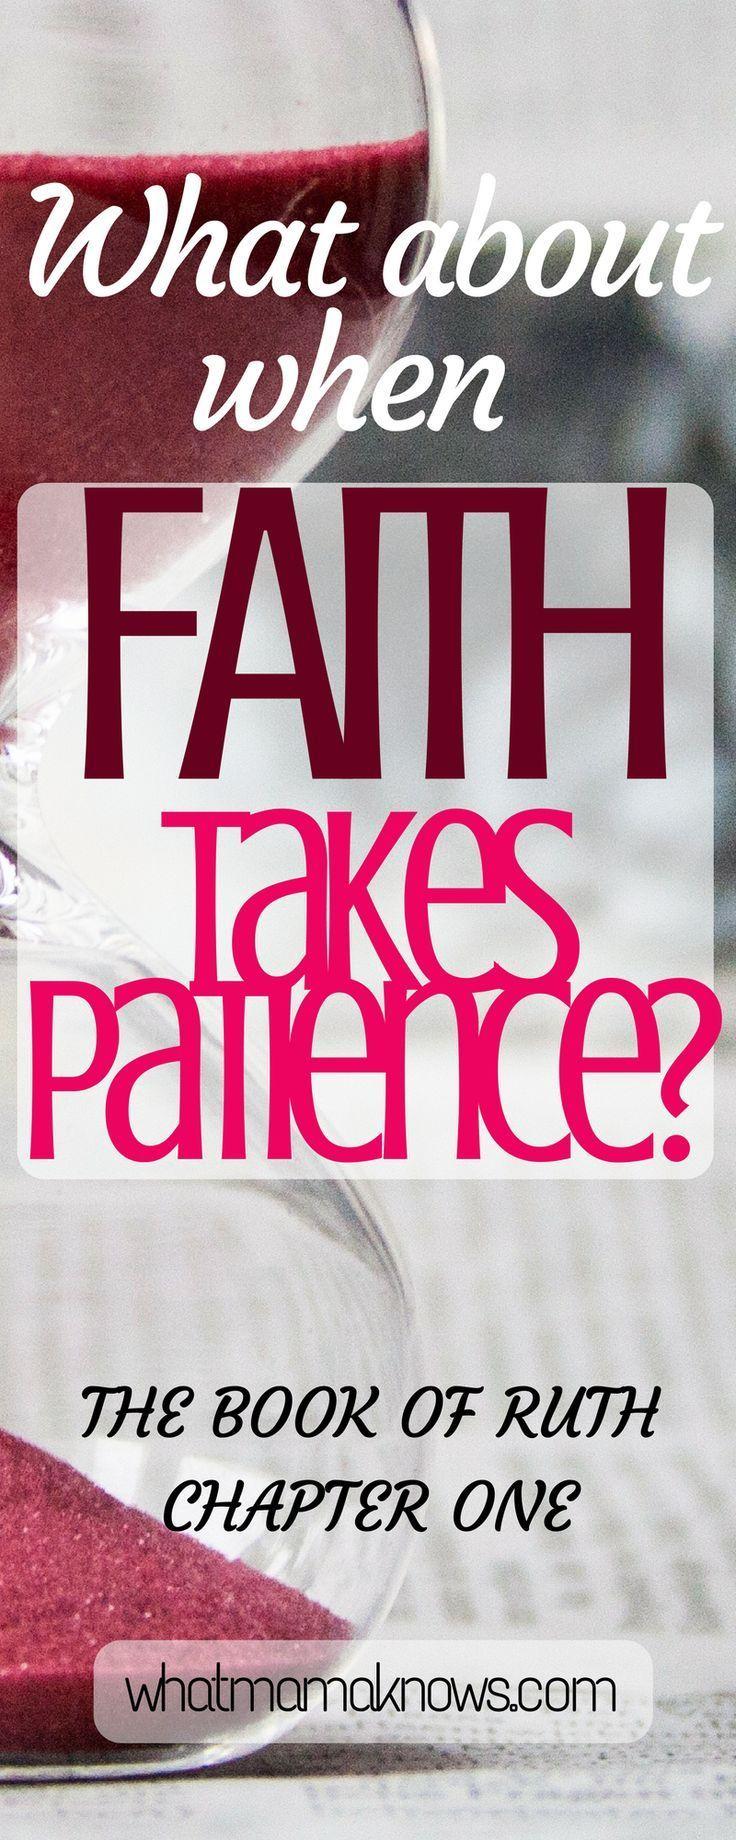 Best 25 Book of ruth ideas on Pinterest Ruth bible Women room